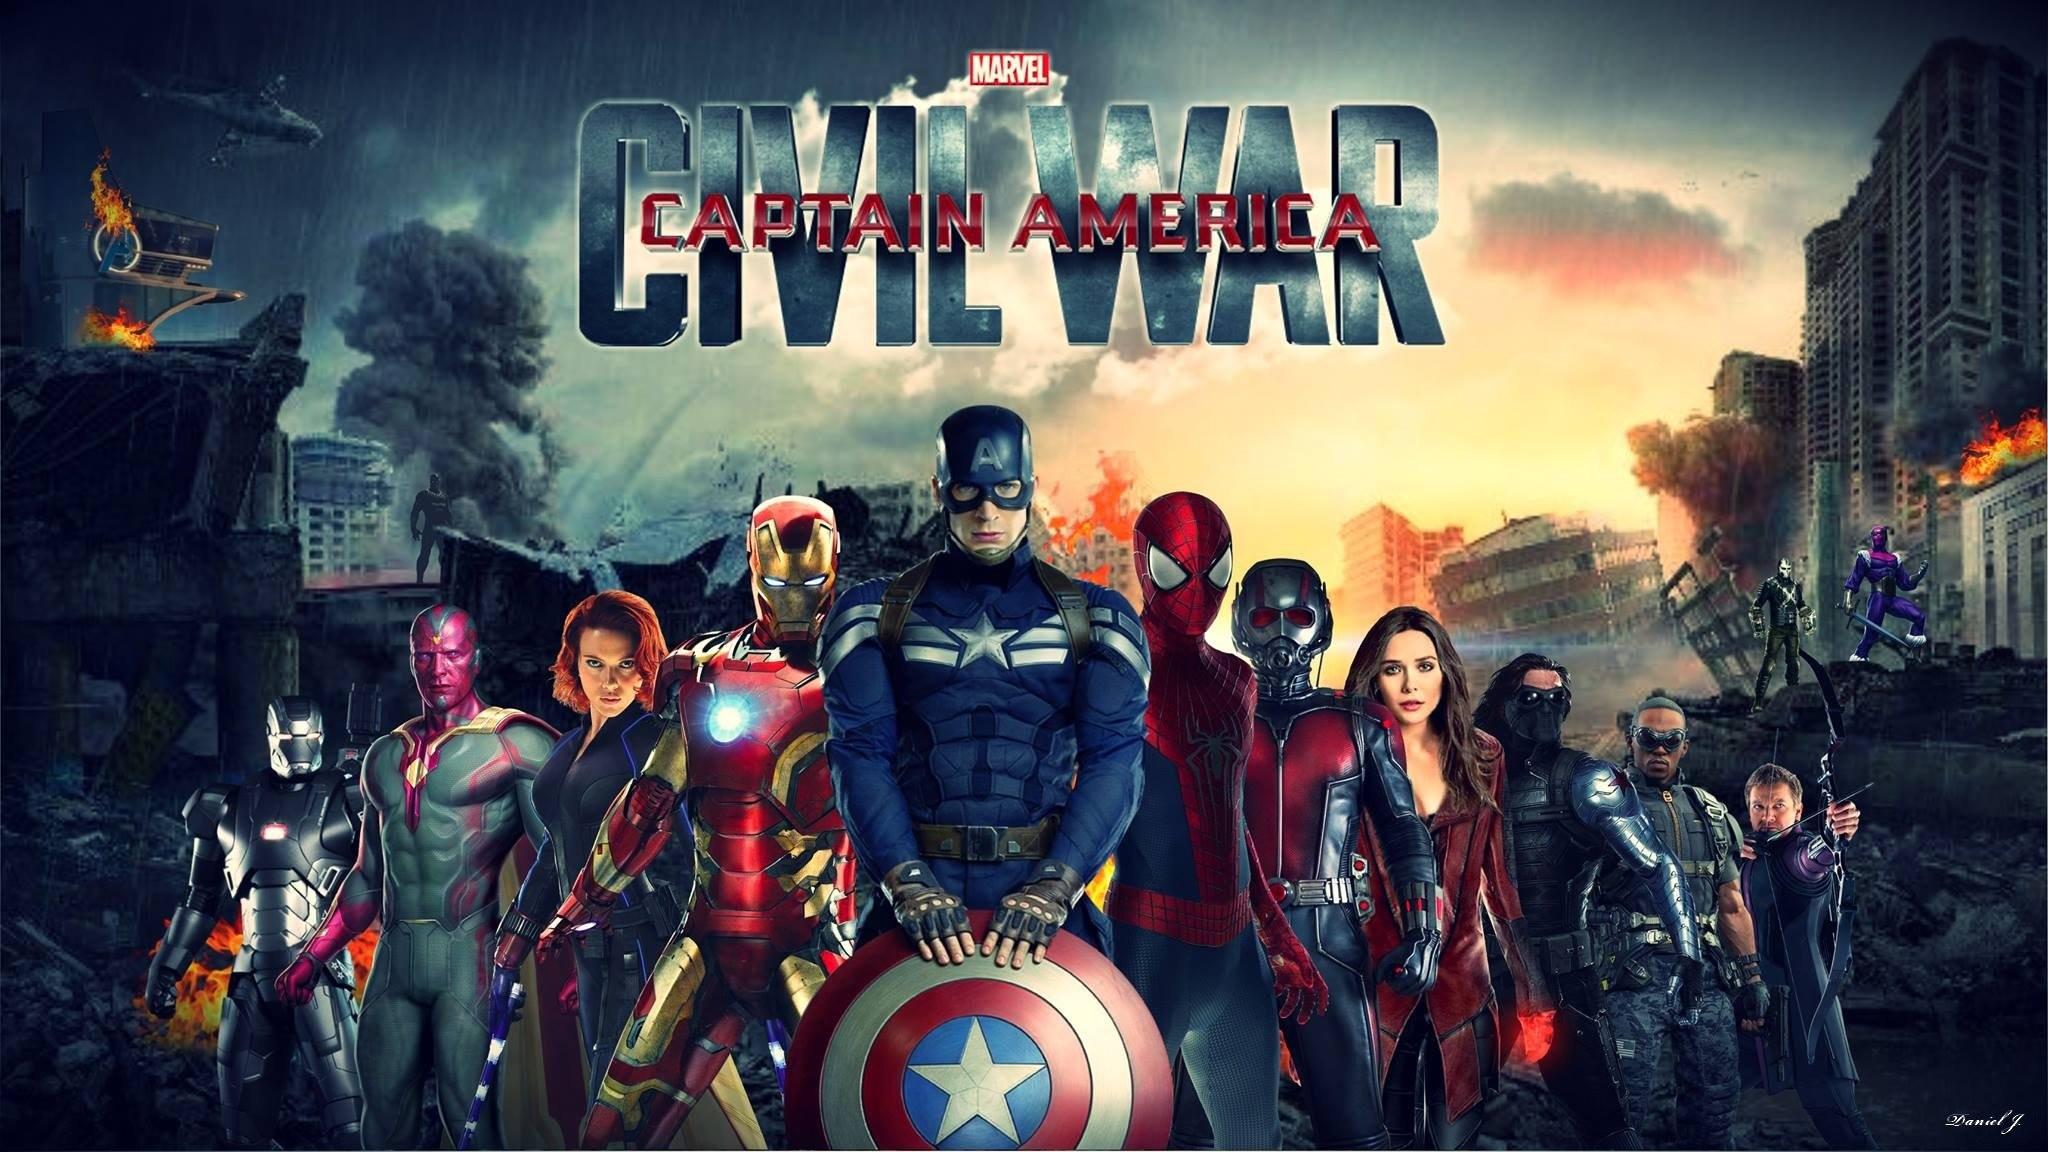 Captain America Civil War Wallpapers HD | HD Wallpapers | Pinterest |  Marvel civil war, Hd wallpaper and Wallpaper